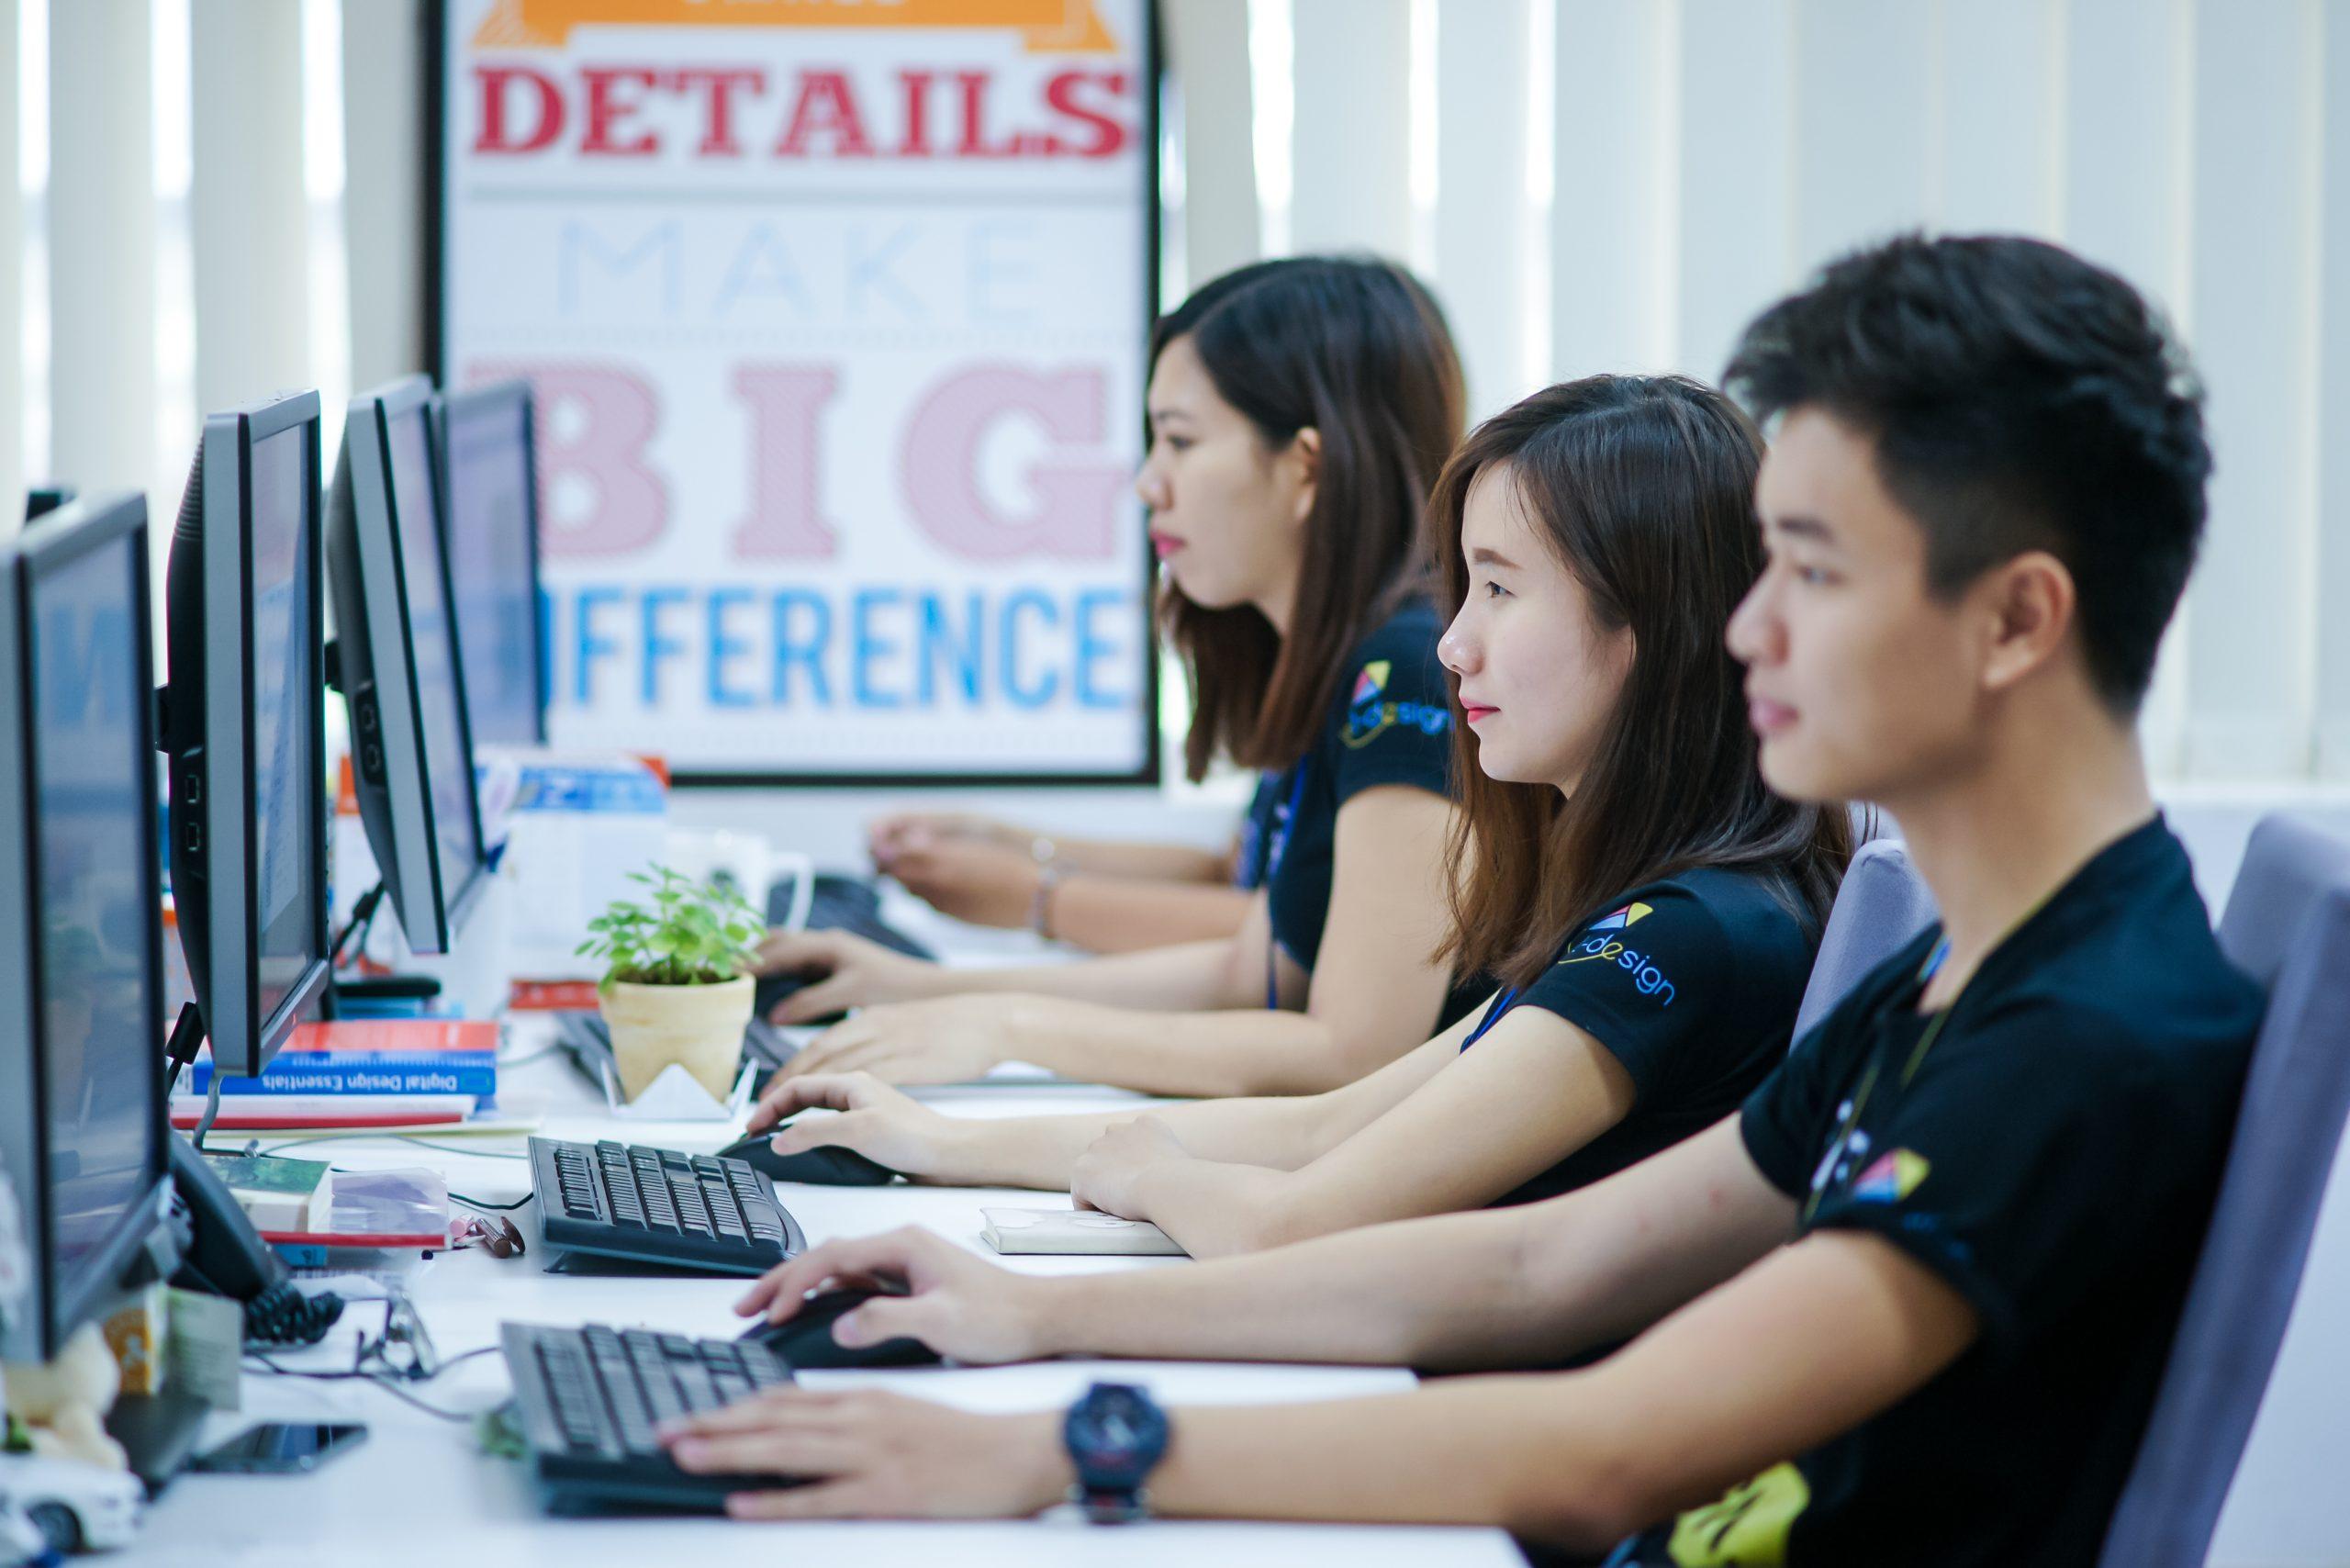 Năm 2021, Việt Nam sẽ có hơn 500.000 người lao động làm việc trong lĩnh vực IT System